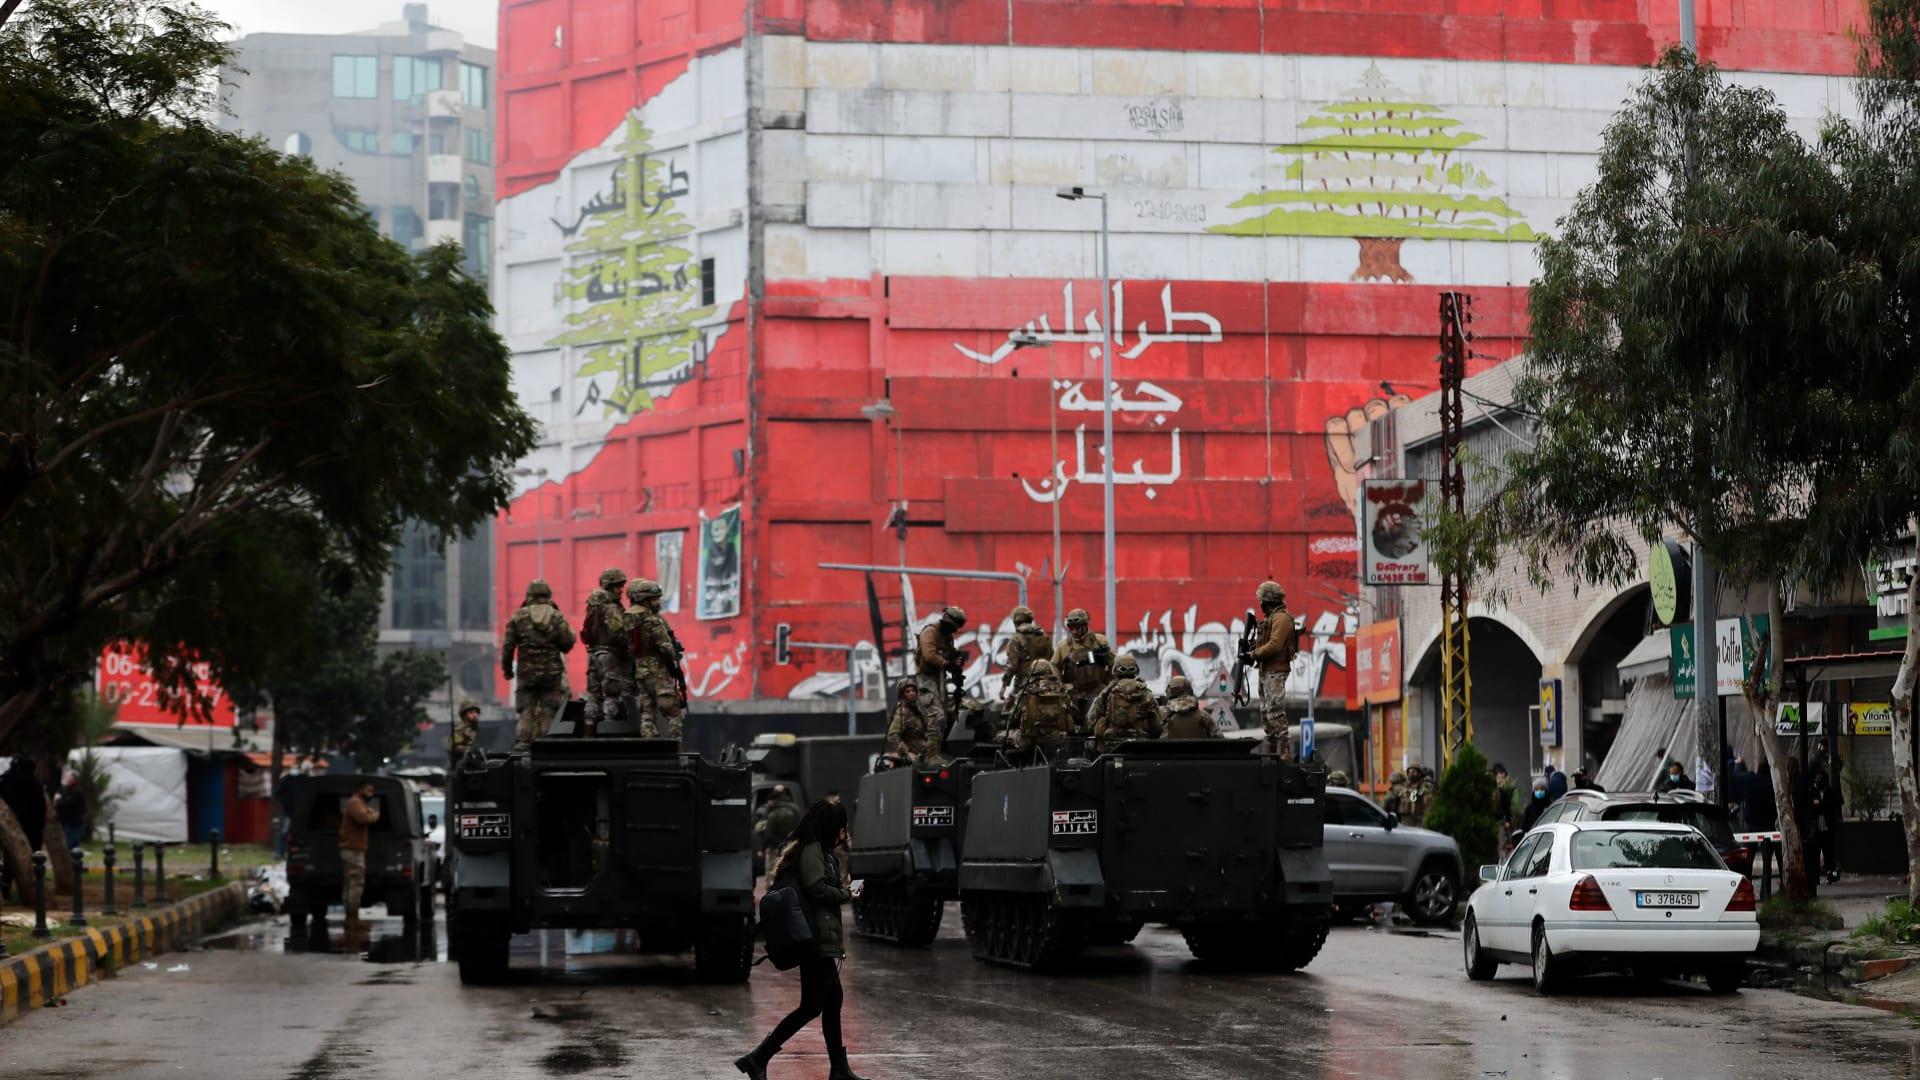 عناصر الجيش اللبناني خلال مواجهات مع متظاهرين مناهضين للحكومة أمام السراي  في مدينة طرابلس